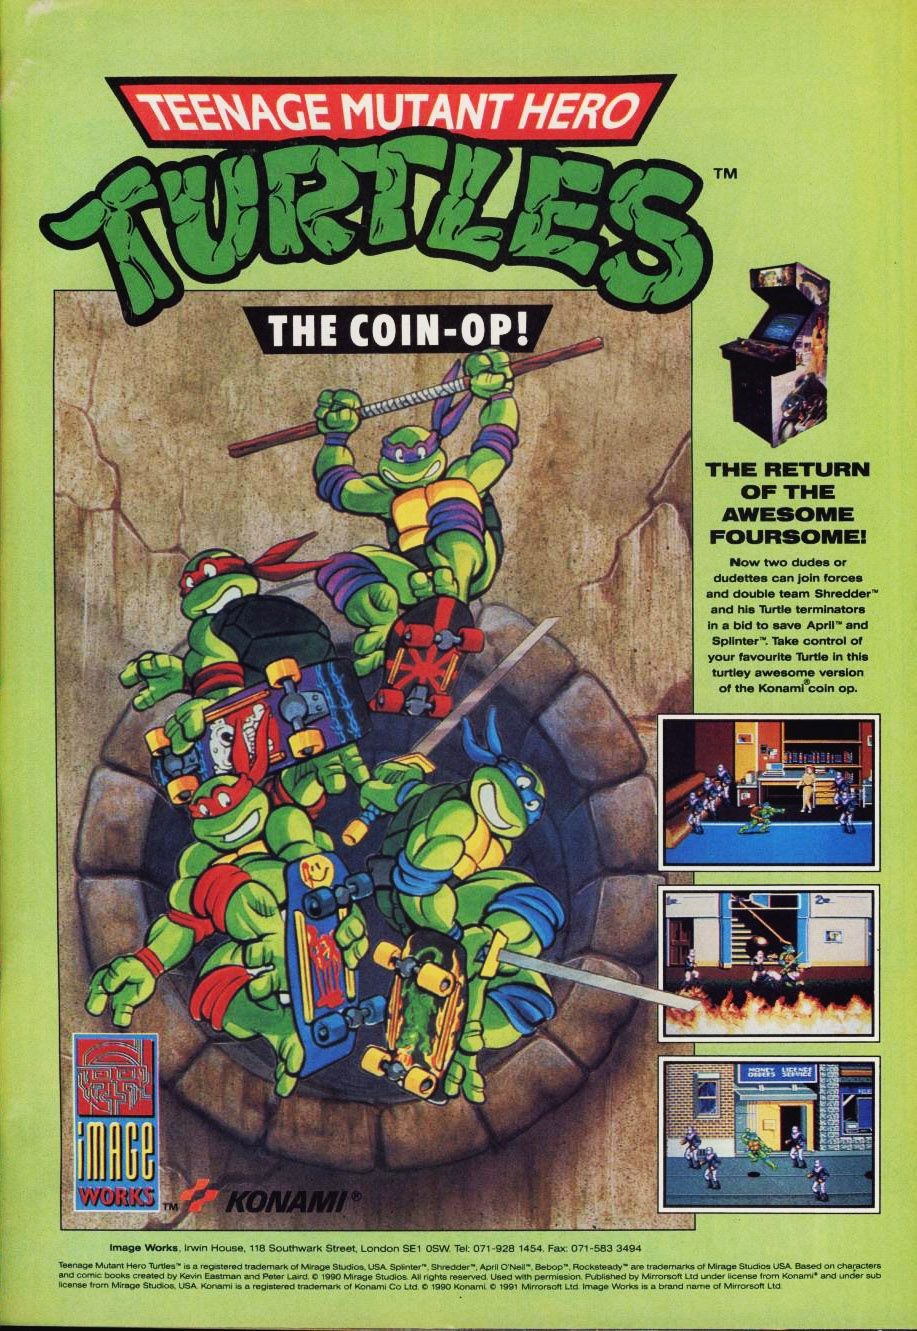 Vintage Teenage Mutant Hero Turtles TMNT Framed Picture Art 1990/'s Cartoon